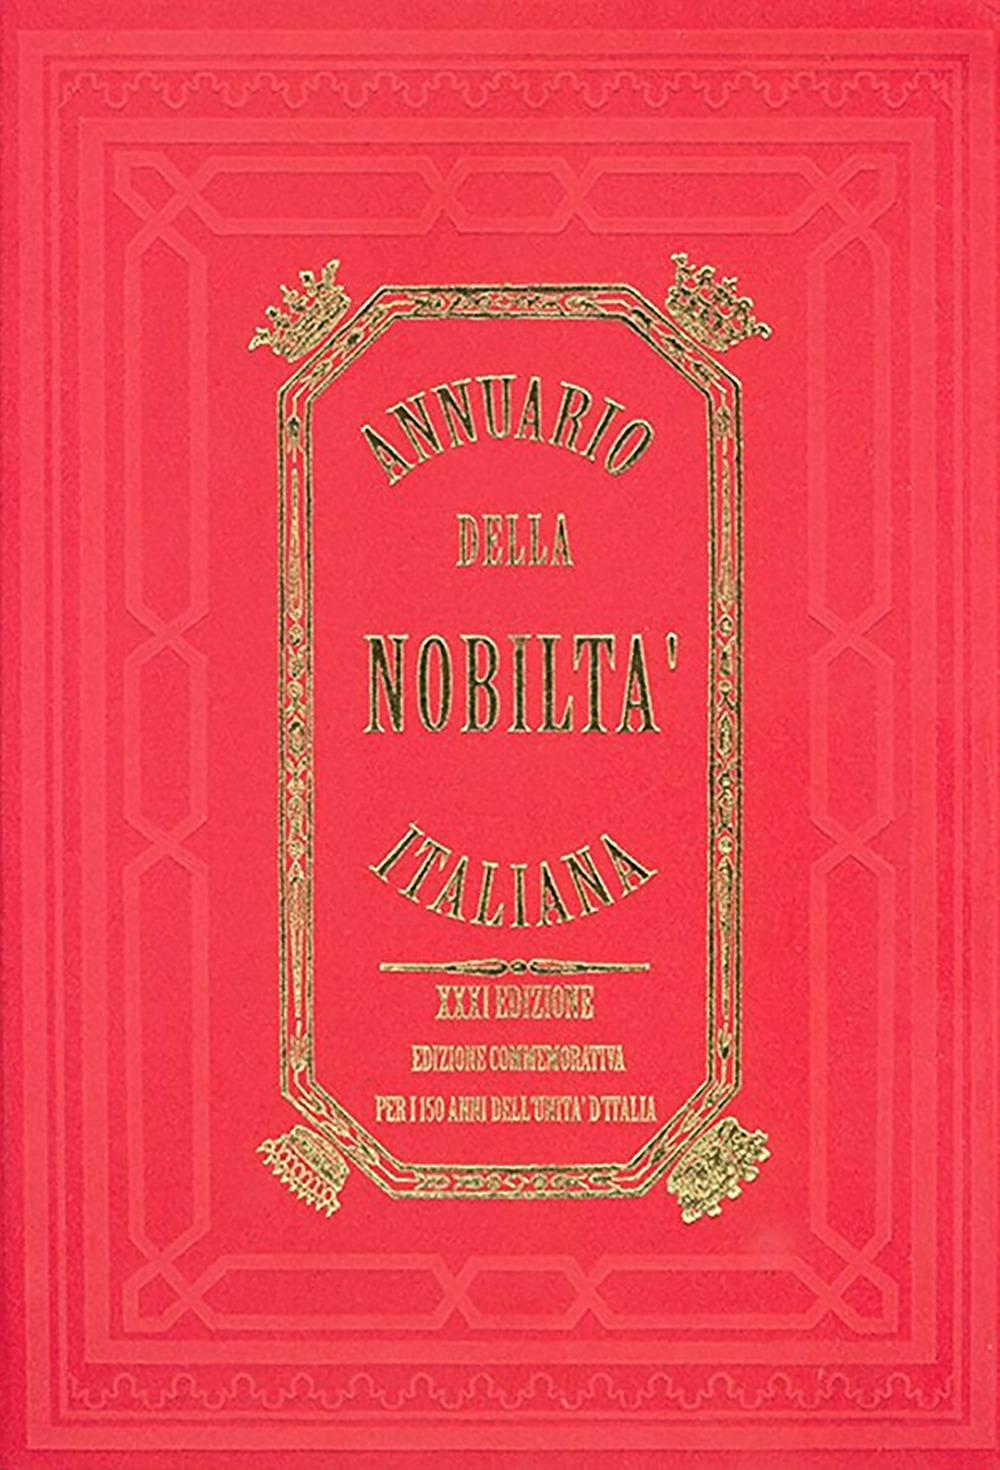 Annuario della nobiltà italiana. Nuova serie. Ediz. monumentale per i 150 anni dell'unità d'Italia (2010). Vol. 1